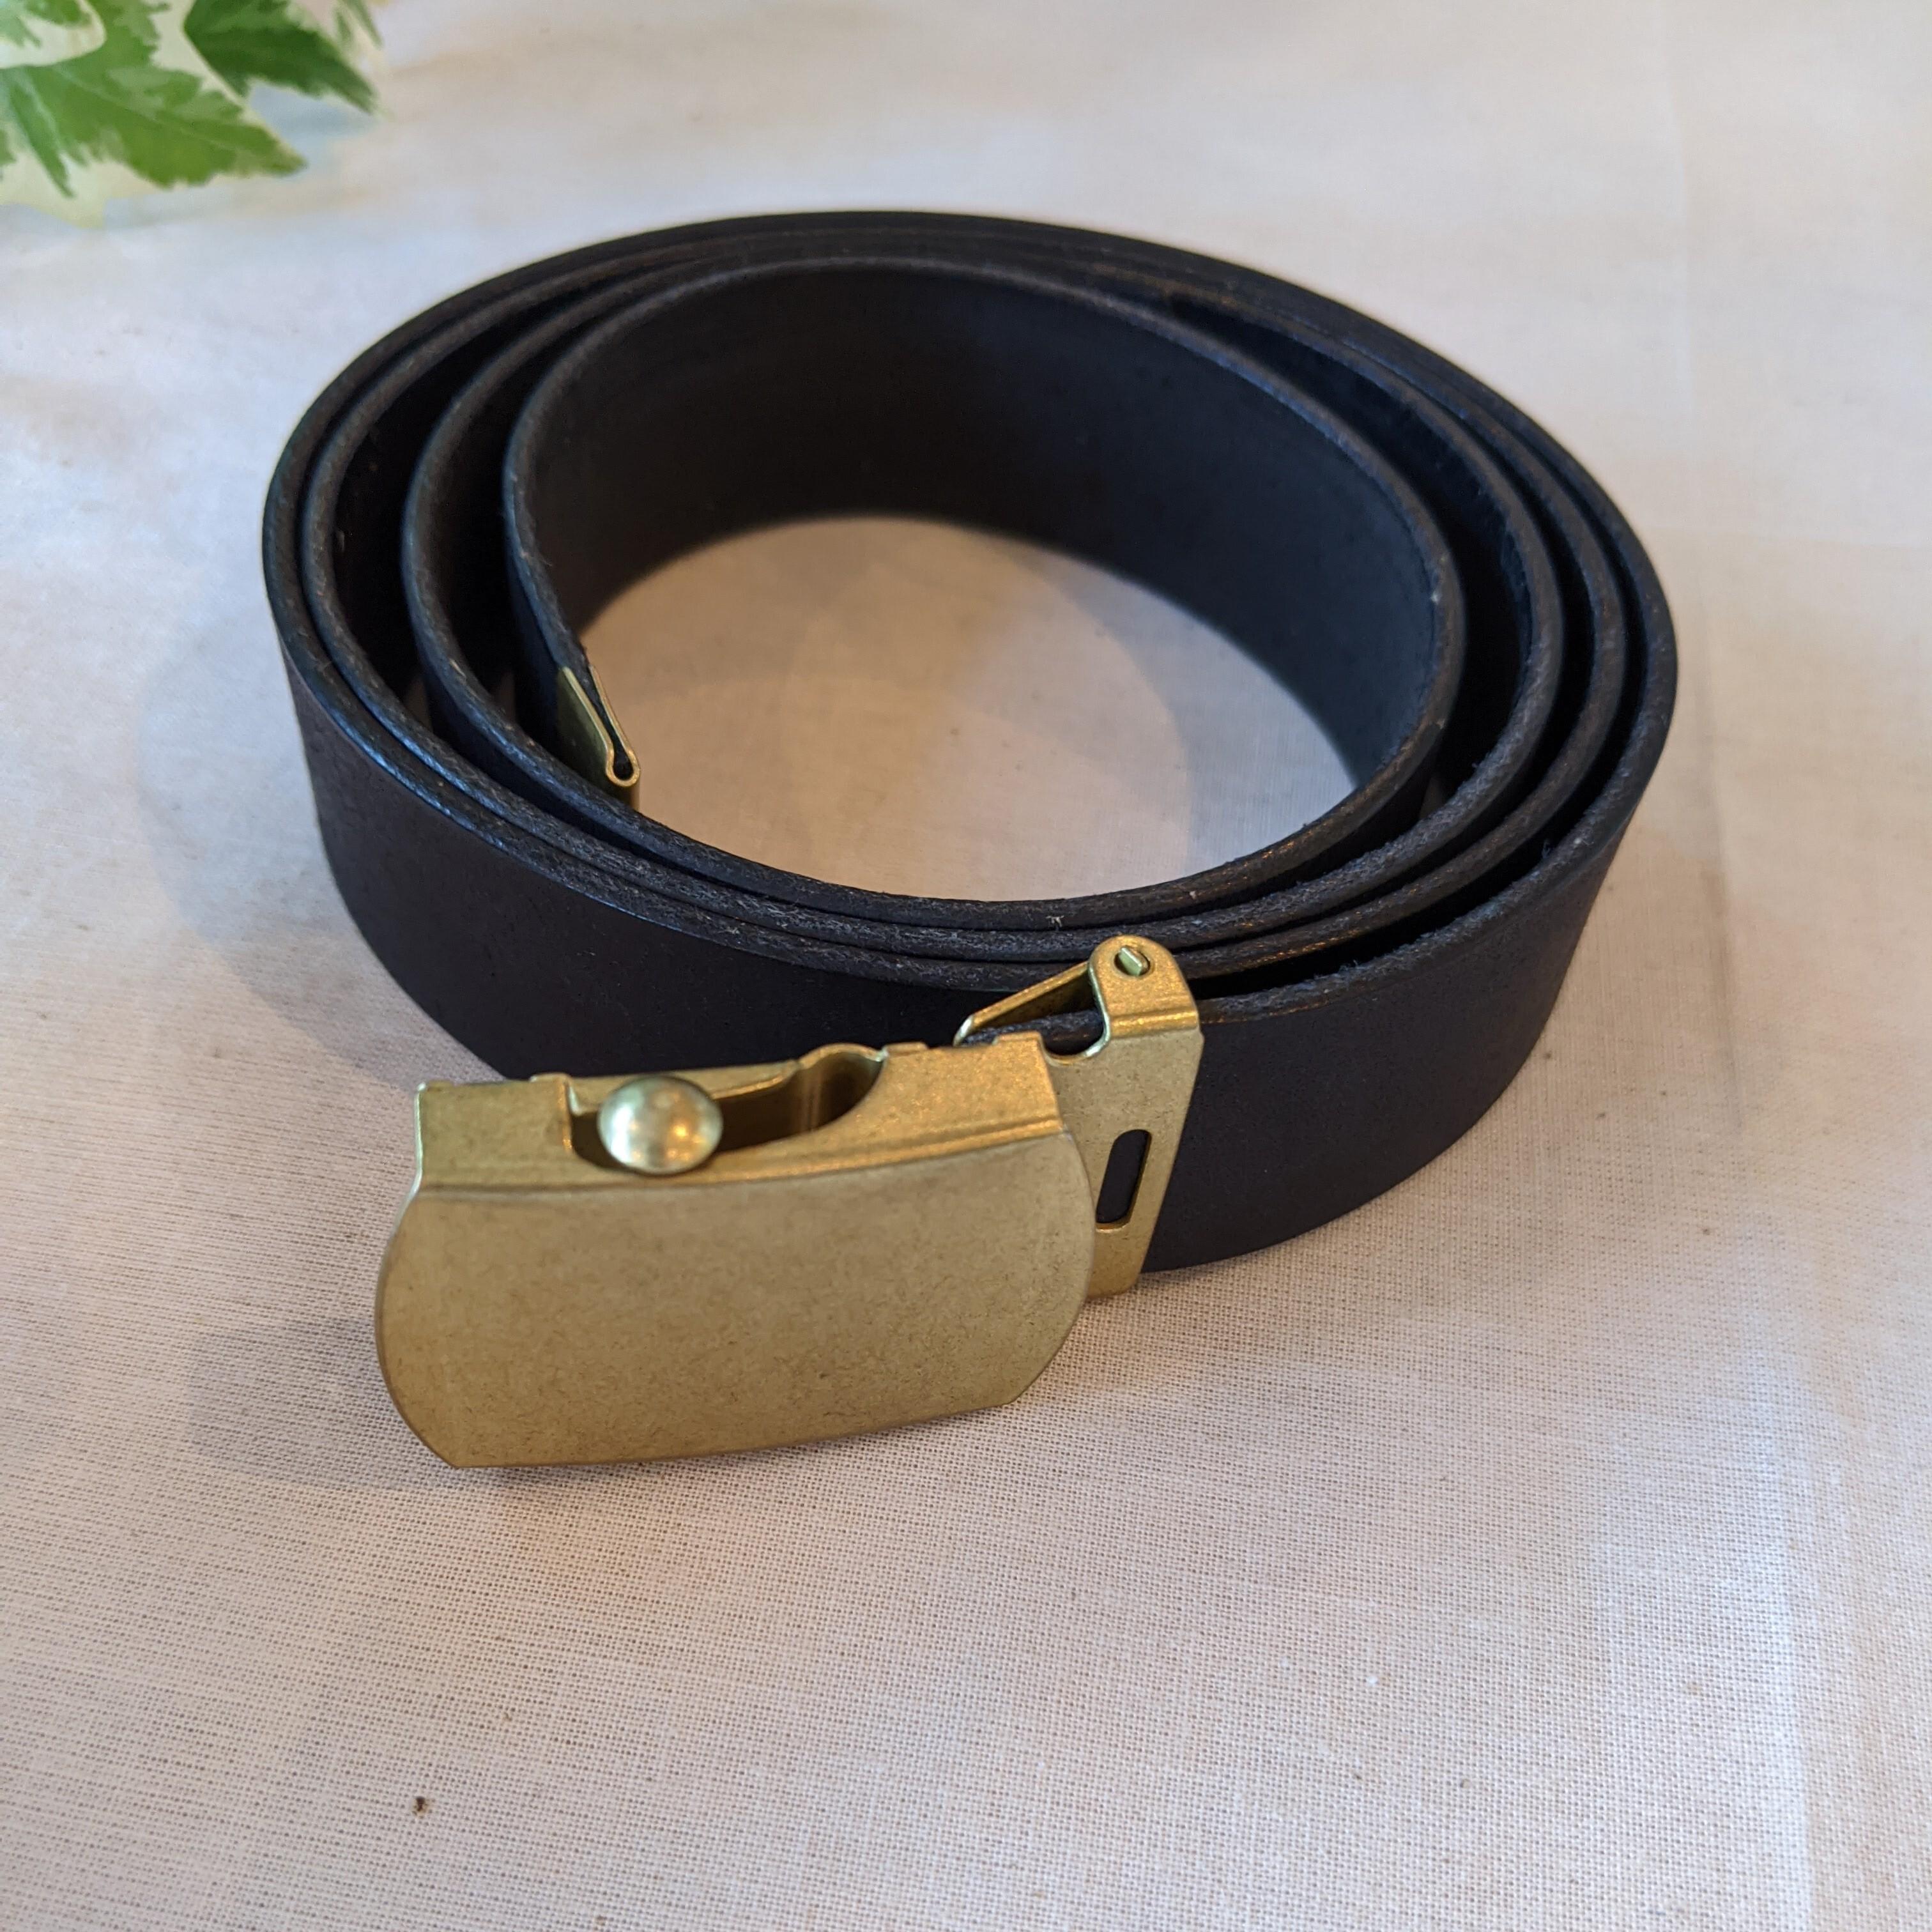 【 saranam 】サラナン Pueburo leather belt / プエブロ ガチャベルト / BLACK